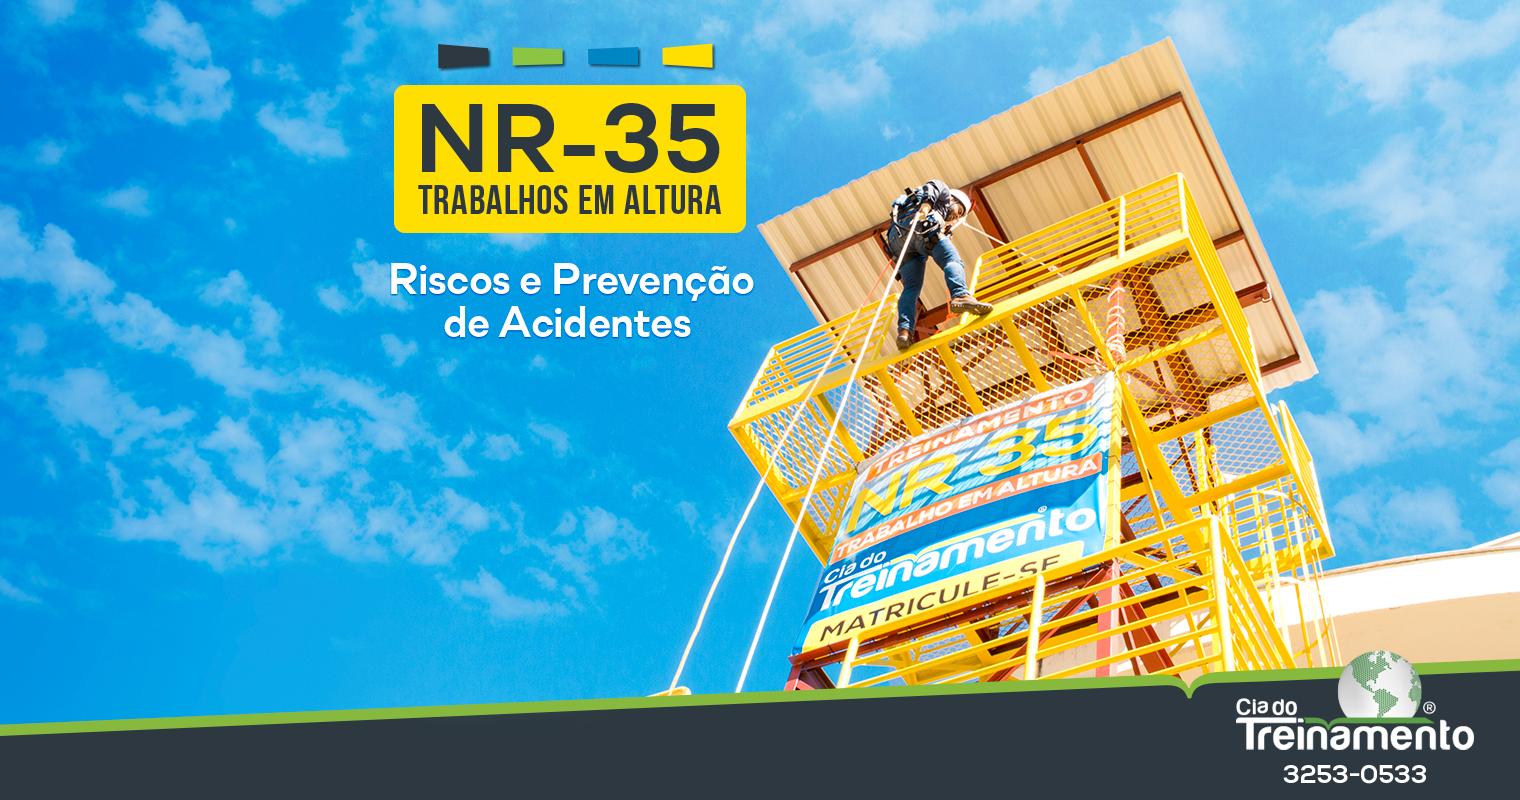 Trabalhos em Altura (NR-35): Riscos e Prevenção de Acidentes